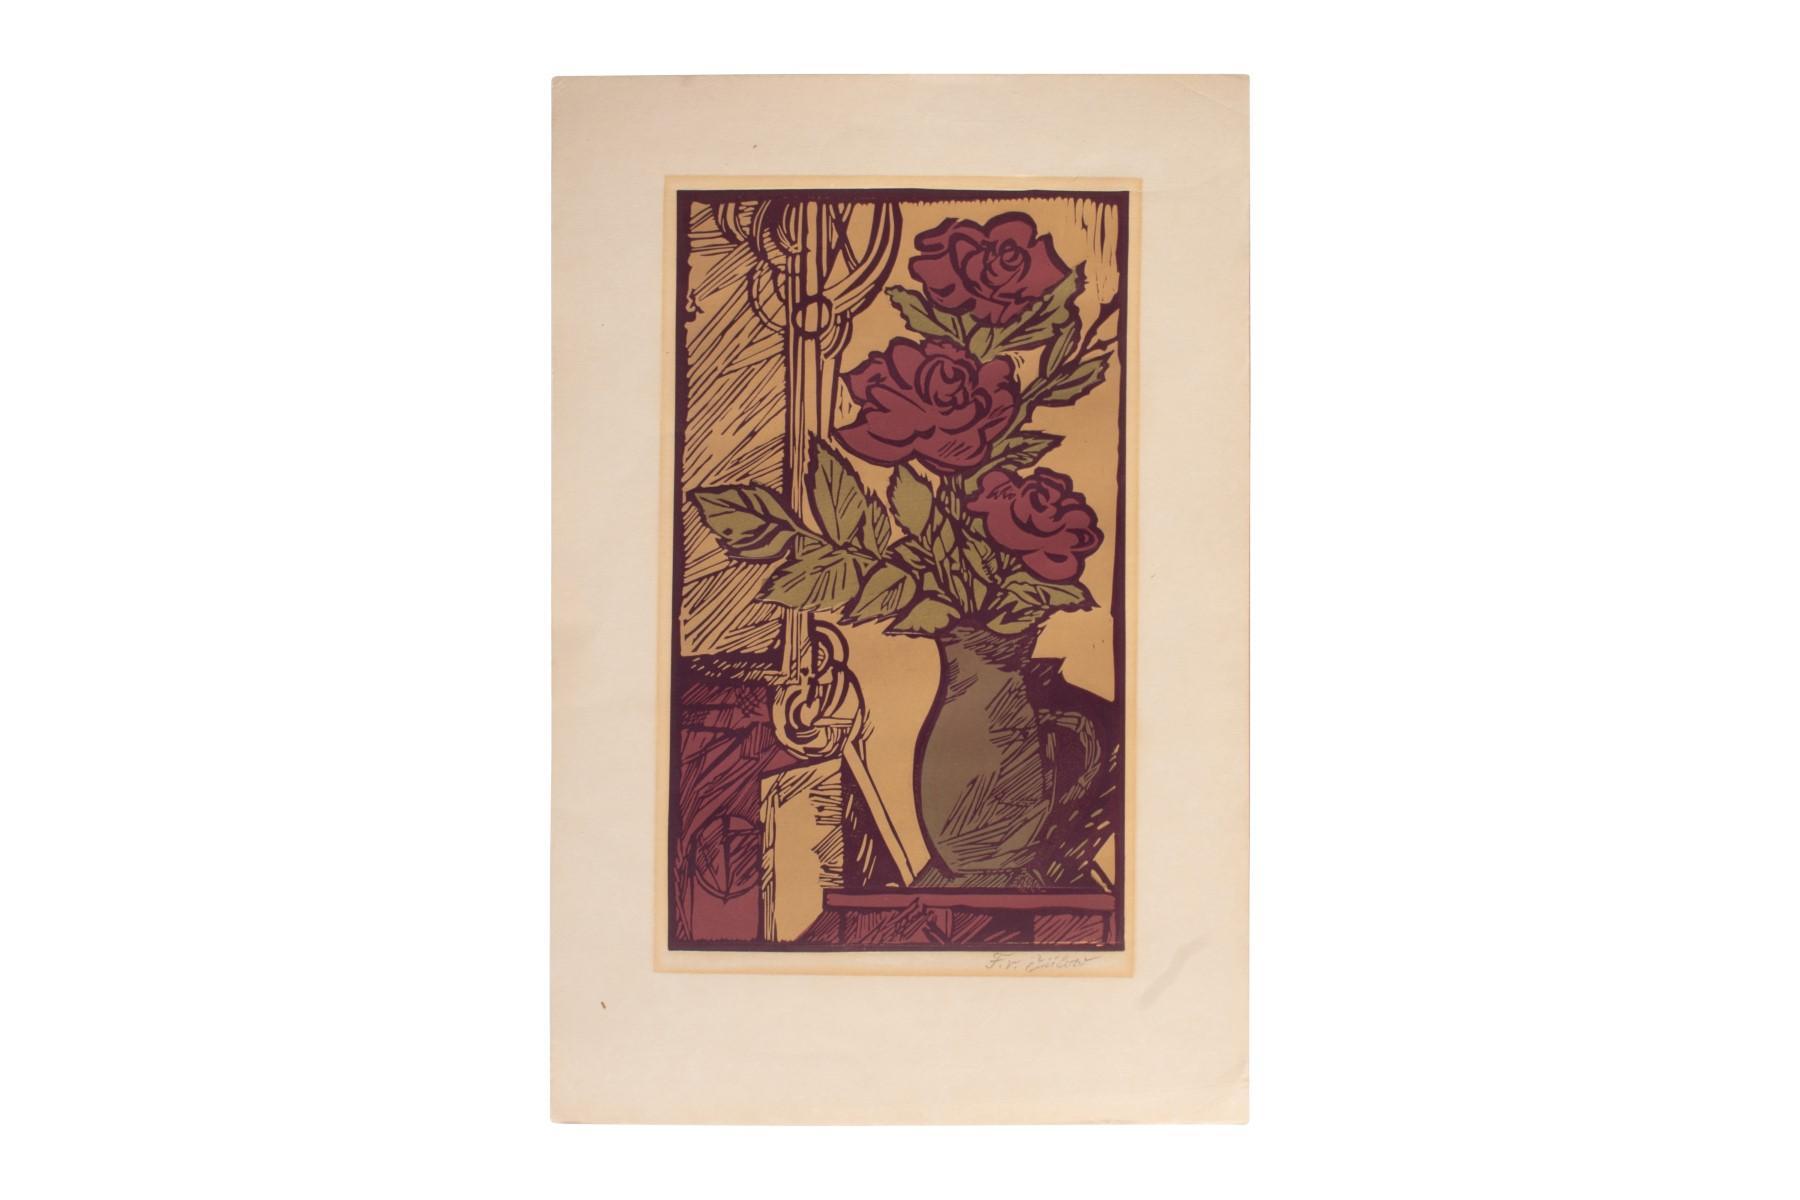 #81 Franz von Zülow* (1883-1963) Flower Still Life | Franz von Zülow* (1883-1963) Blumenstillleben Image